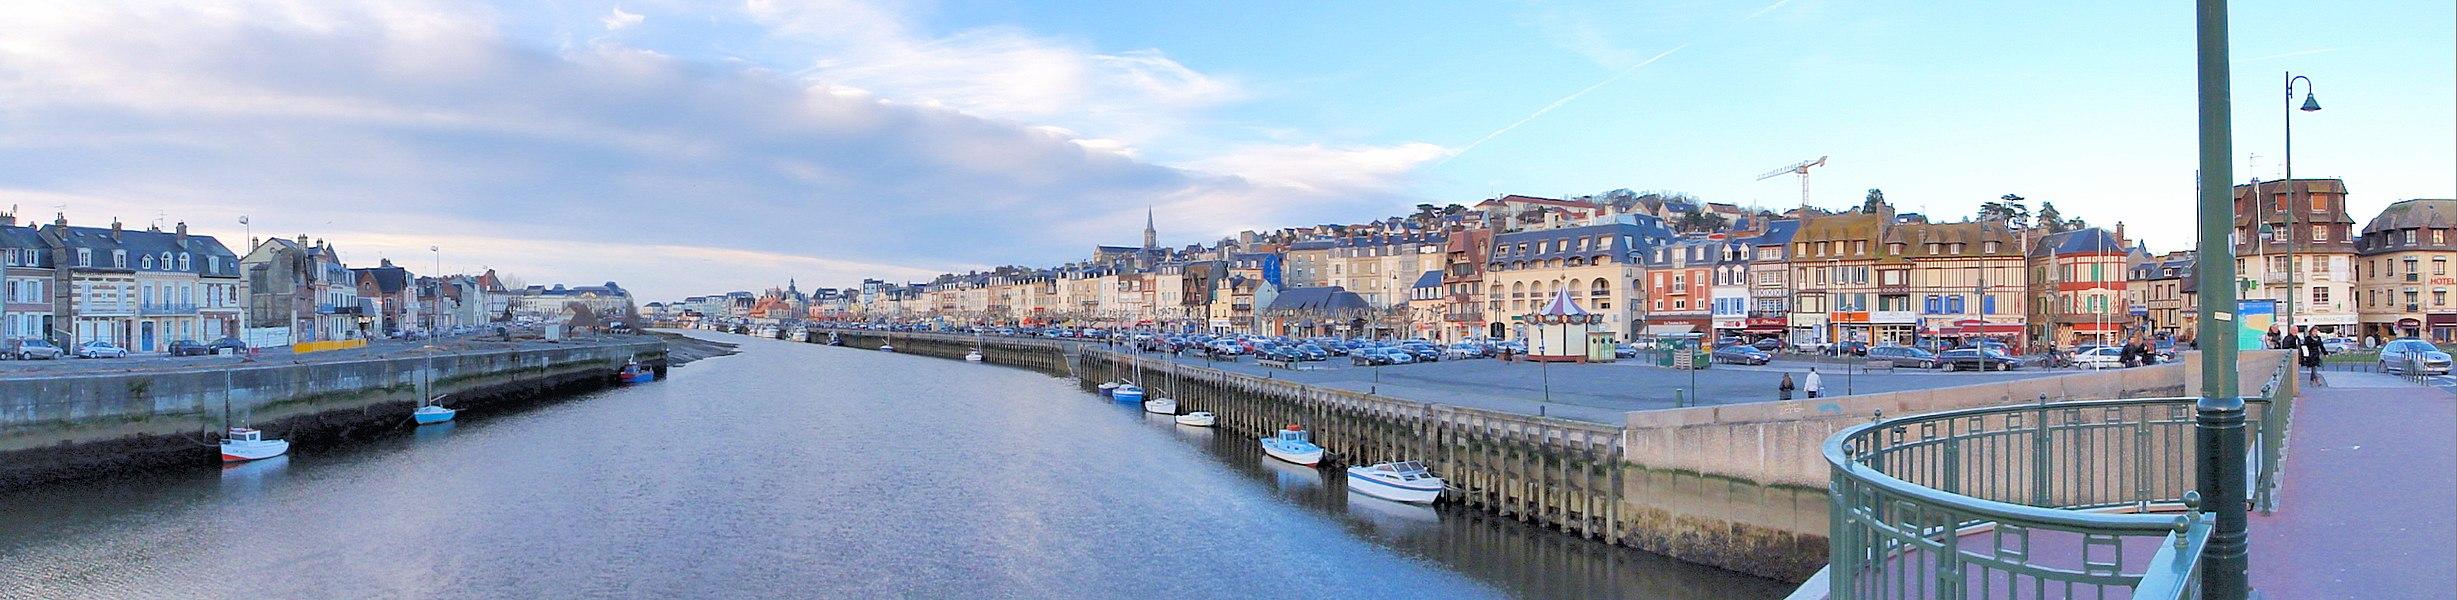 Port de Trouville-sur-Mer dans le Calvados (Basse-Normandie, France).